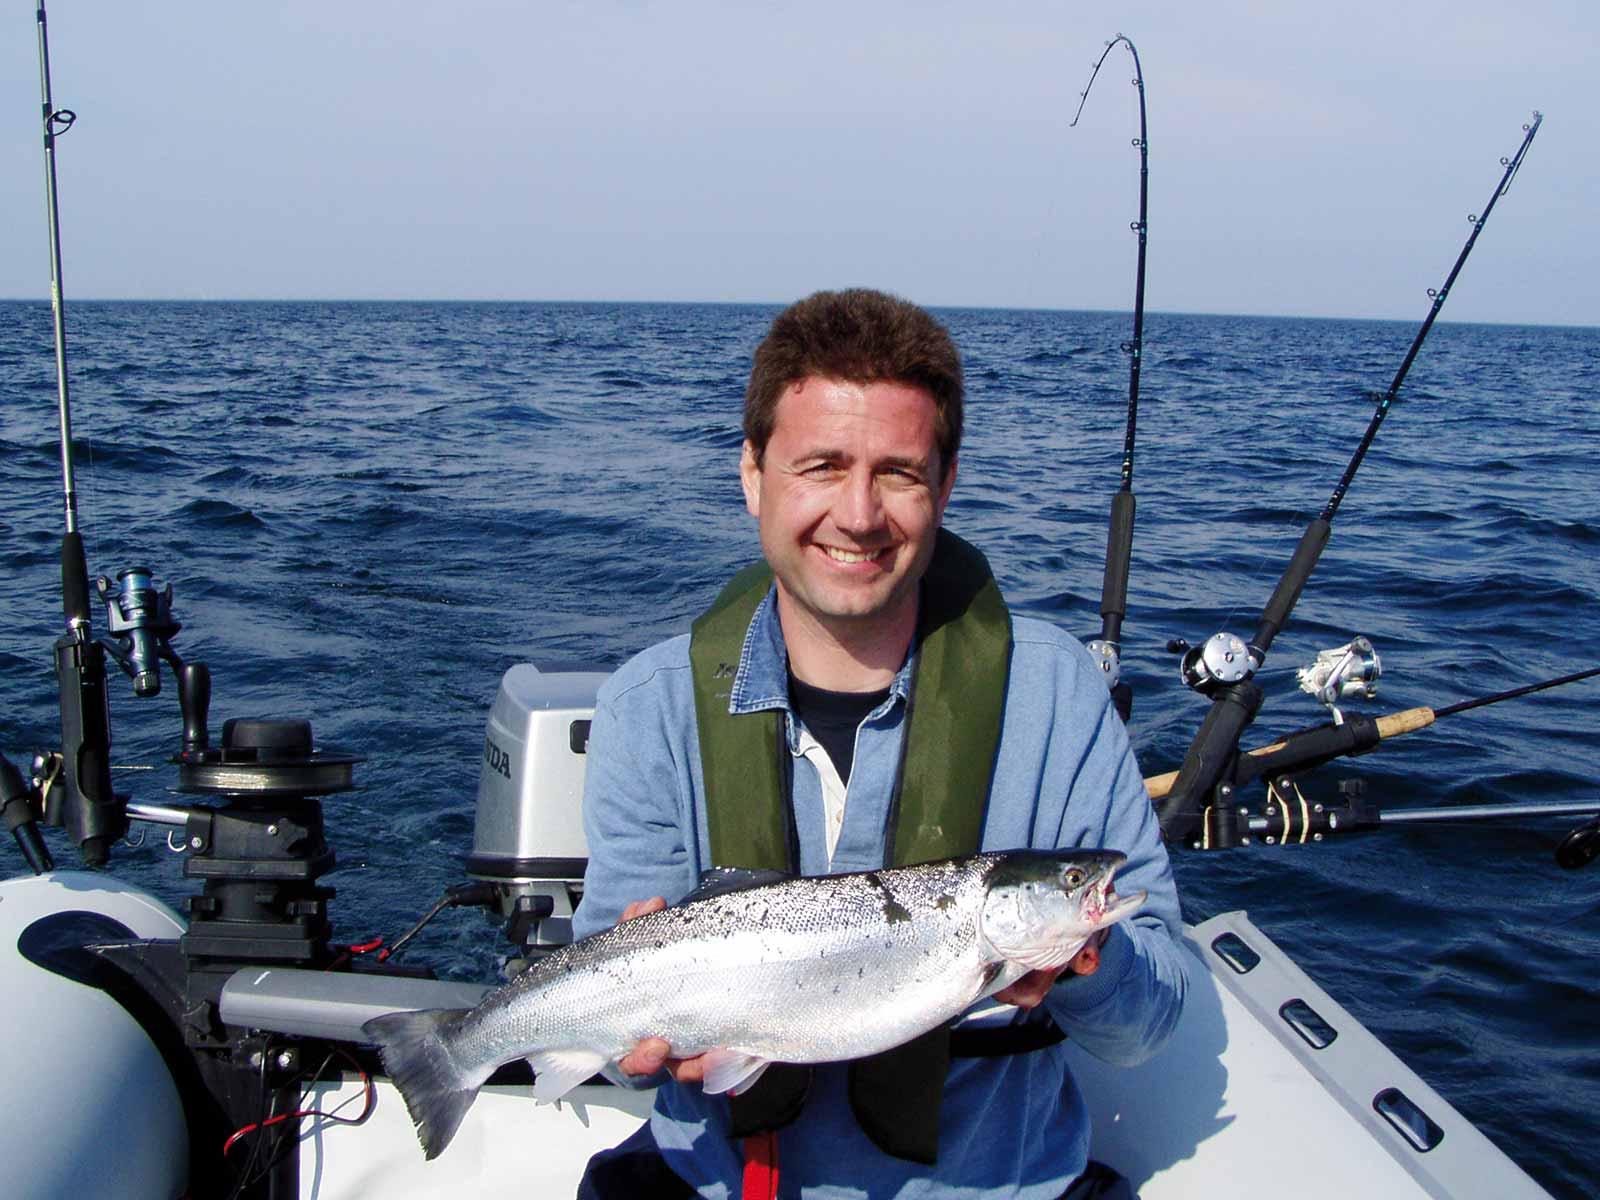 Fiskeri fra gummibåd giver en tæt kontakt til naturen og store fordele i fiskeriet, ligesom den også er ideel til eventyr i naturen med familien.